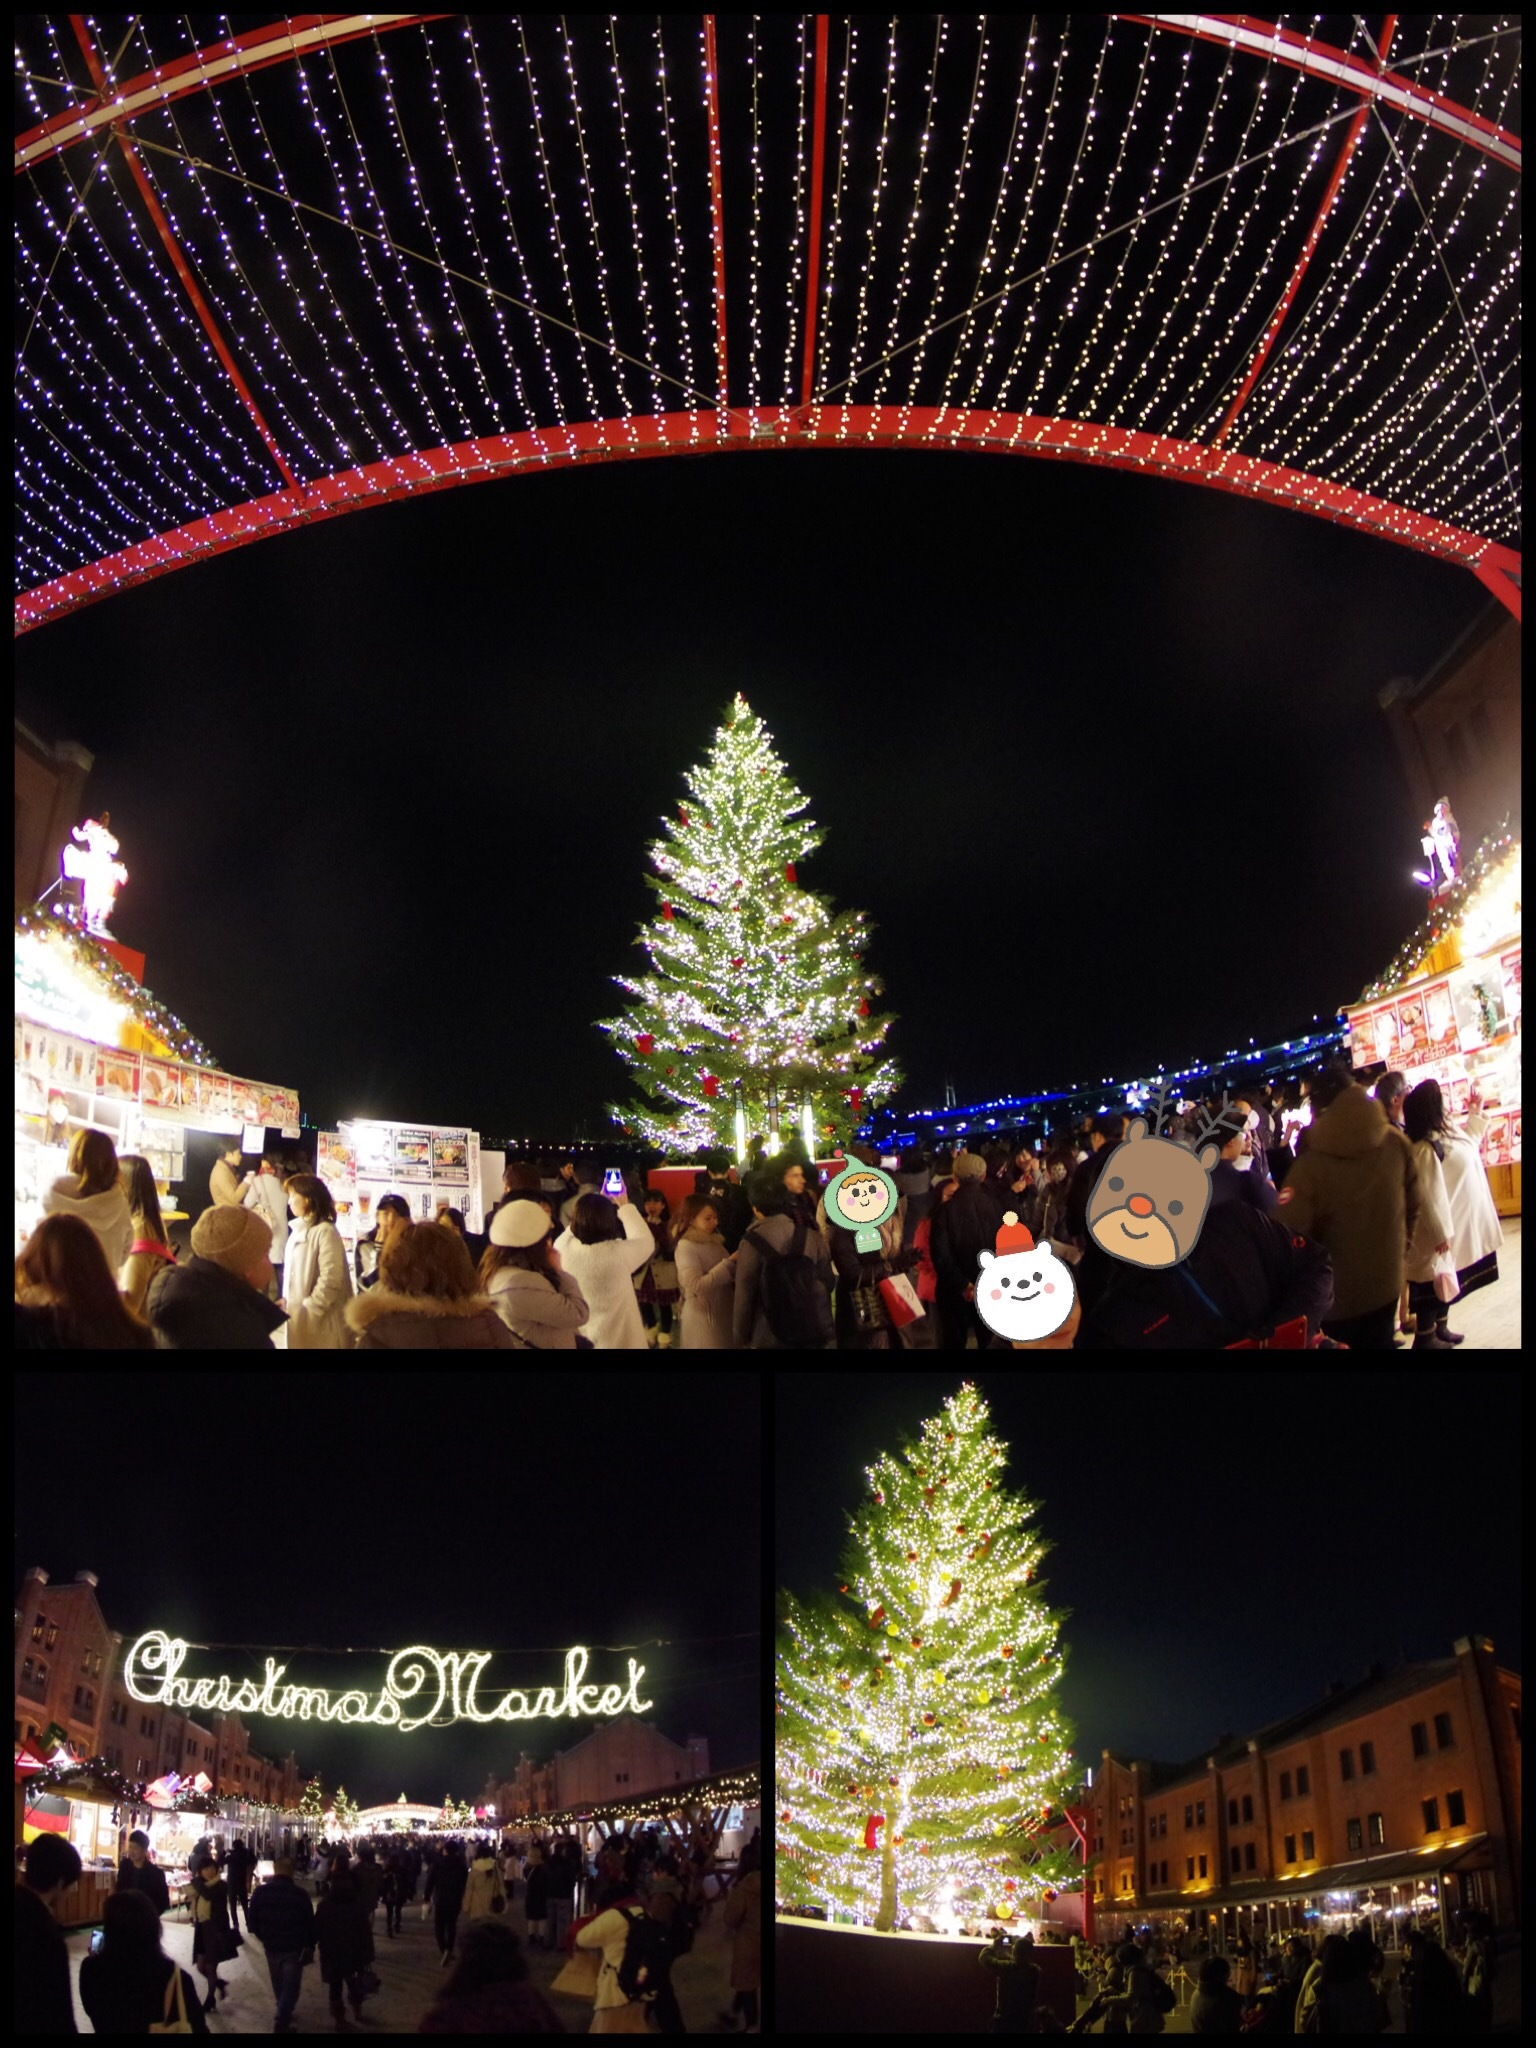 横浜赤レンガ倉庫 クリスマスマーケット インターコンチネンタル横浜